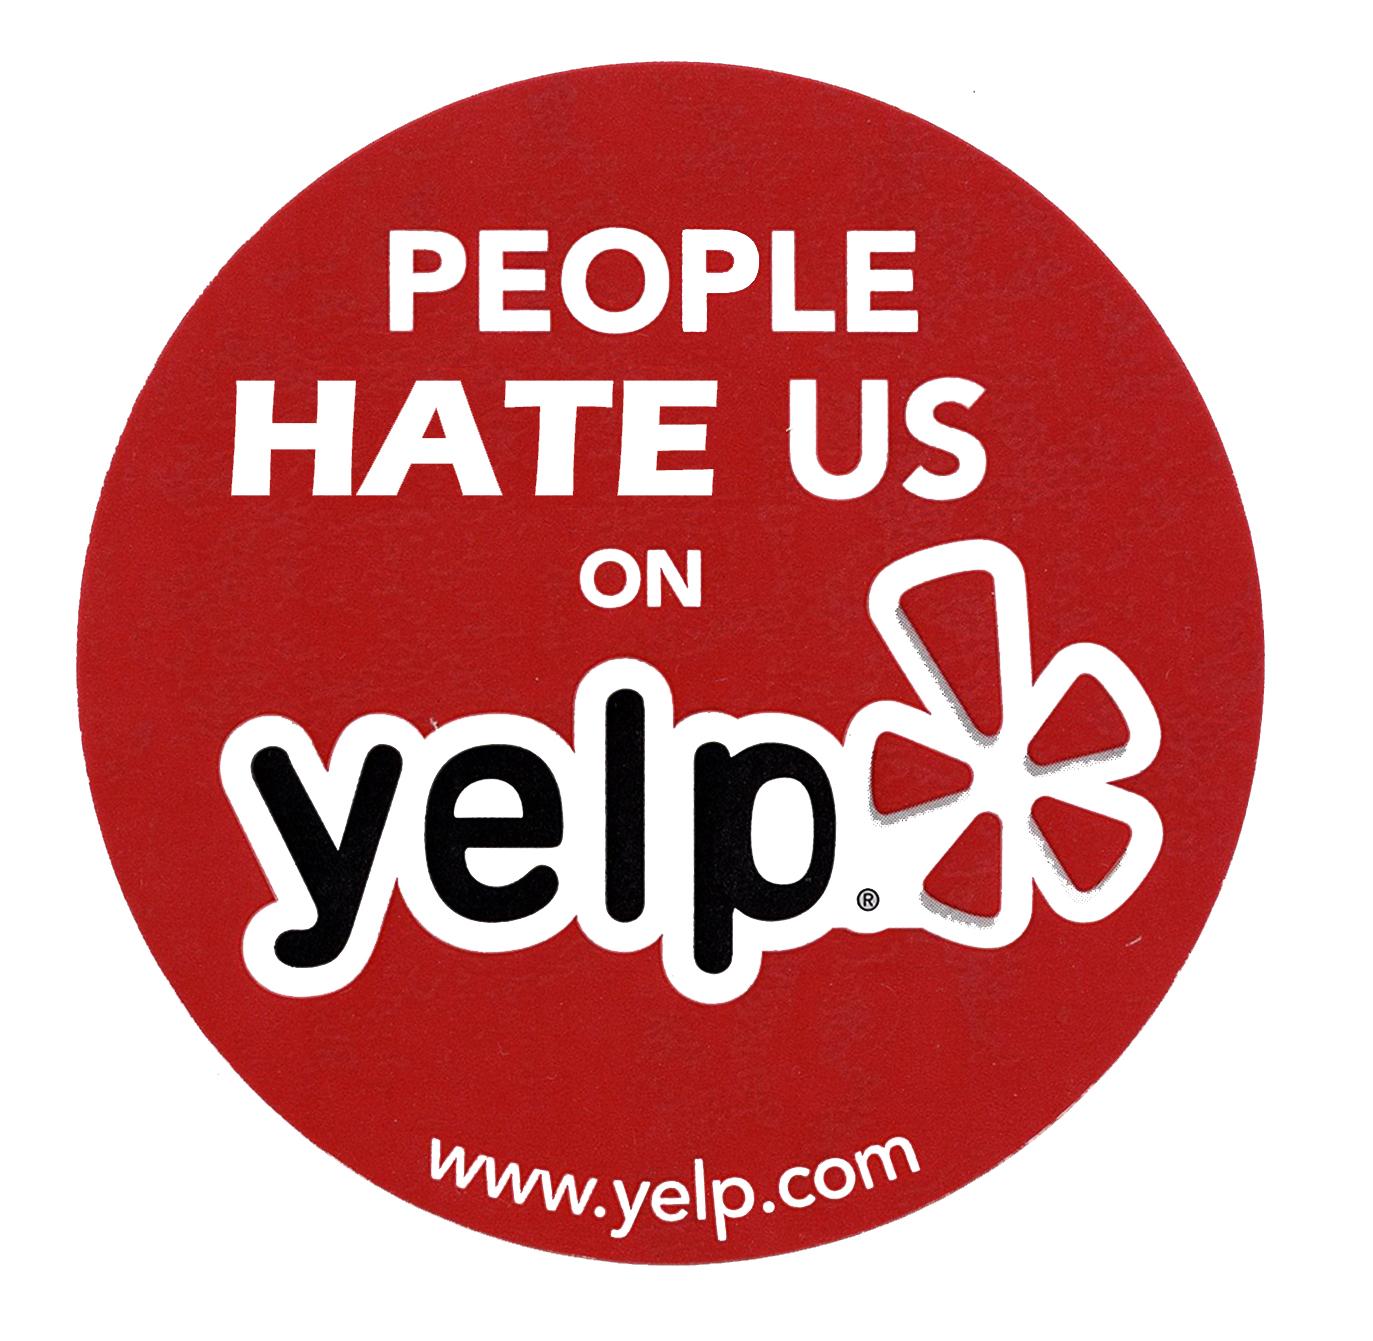 yelp-bad-reviews.jpg